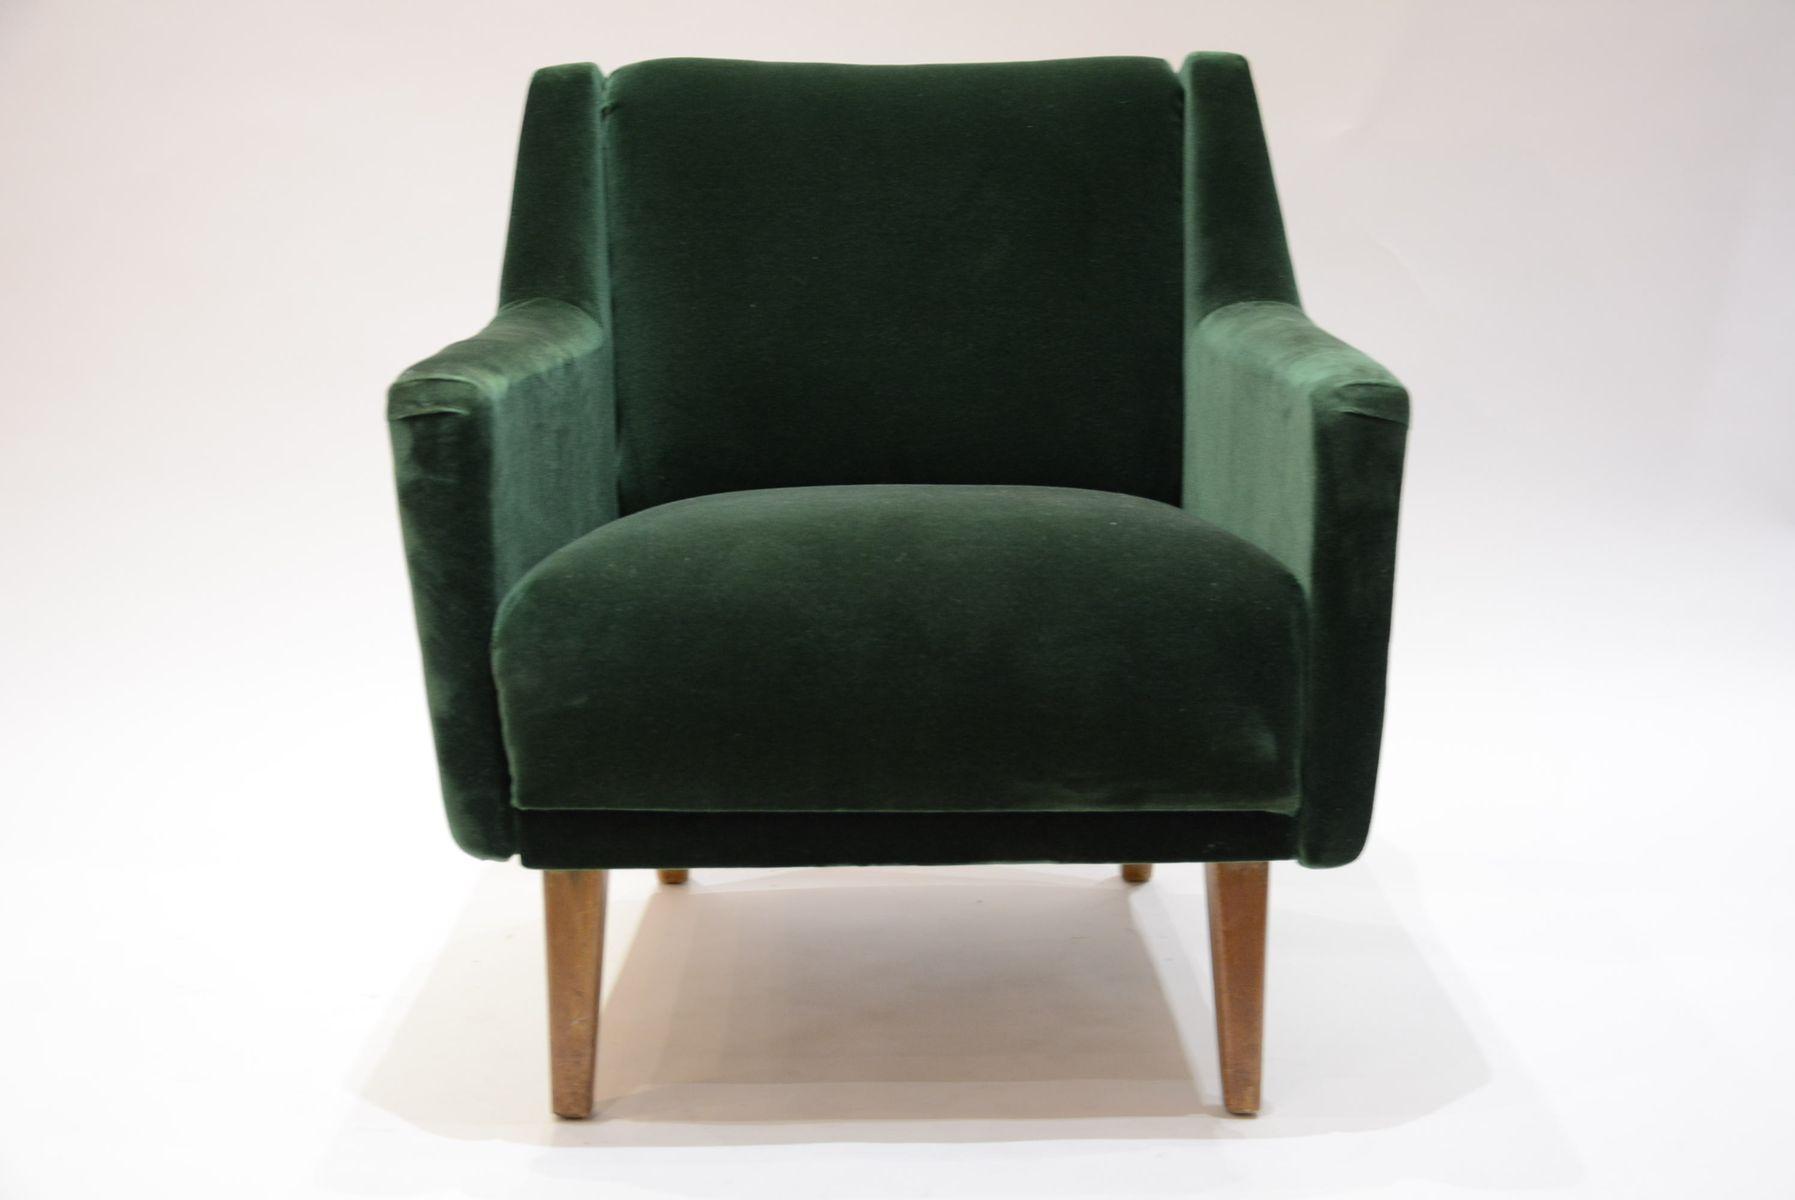 dunkelgr ner mid century sessel aus samt mit tropischem muster bei pamono kaufen. Black Bedroom Furniture Sets. Home Design Ideas